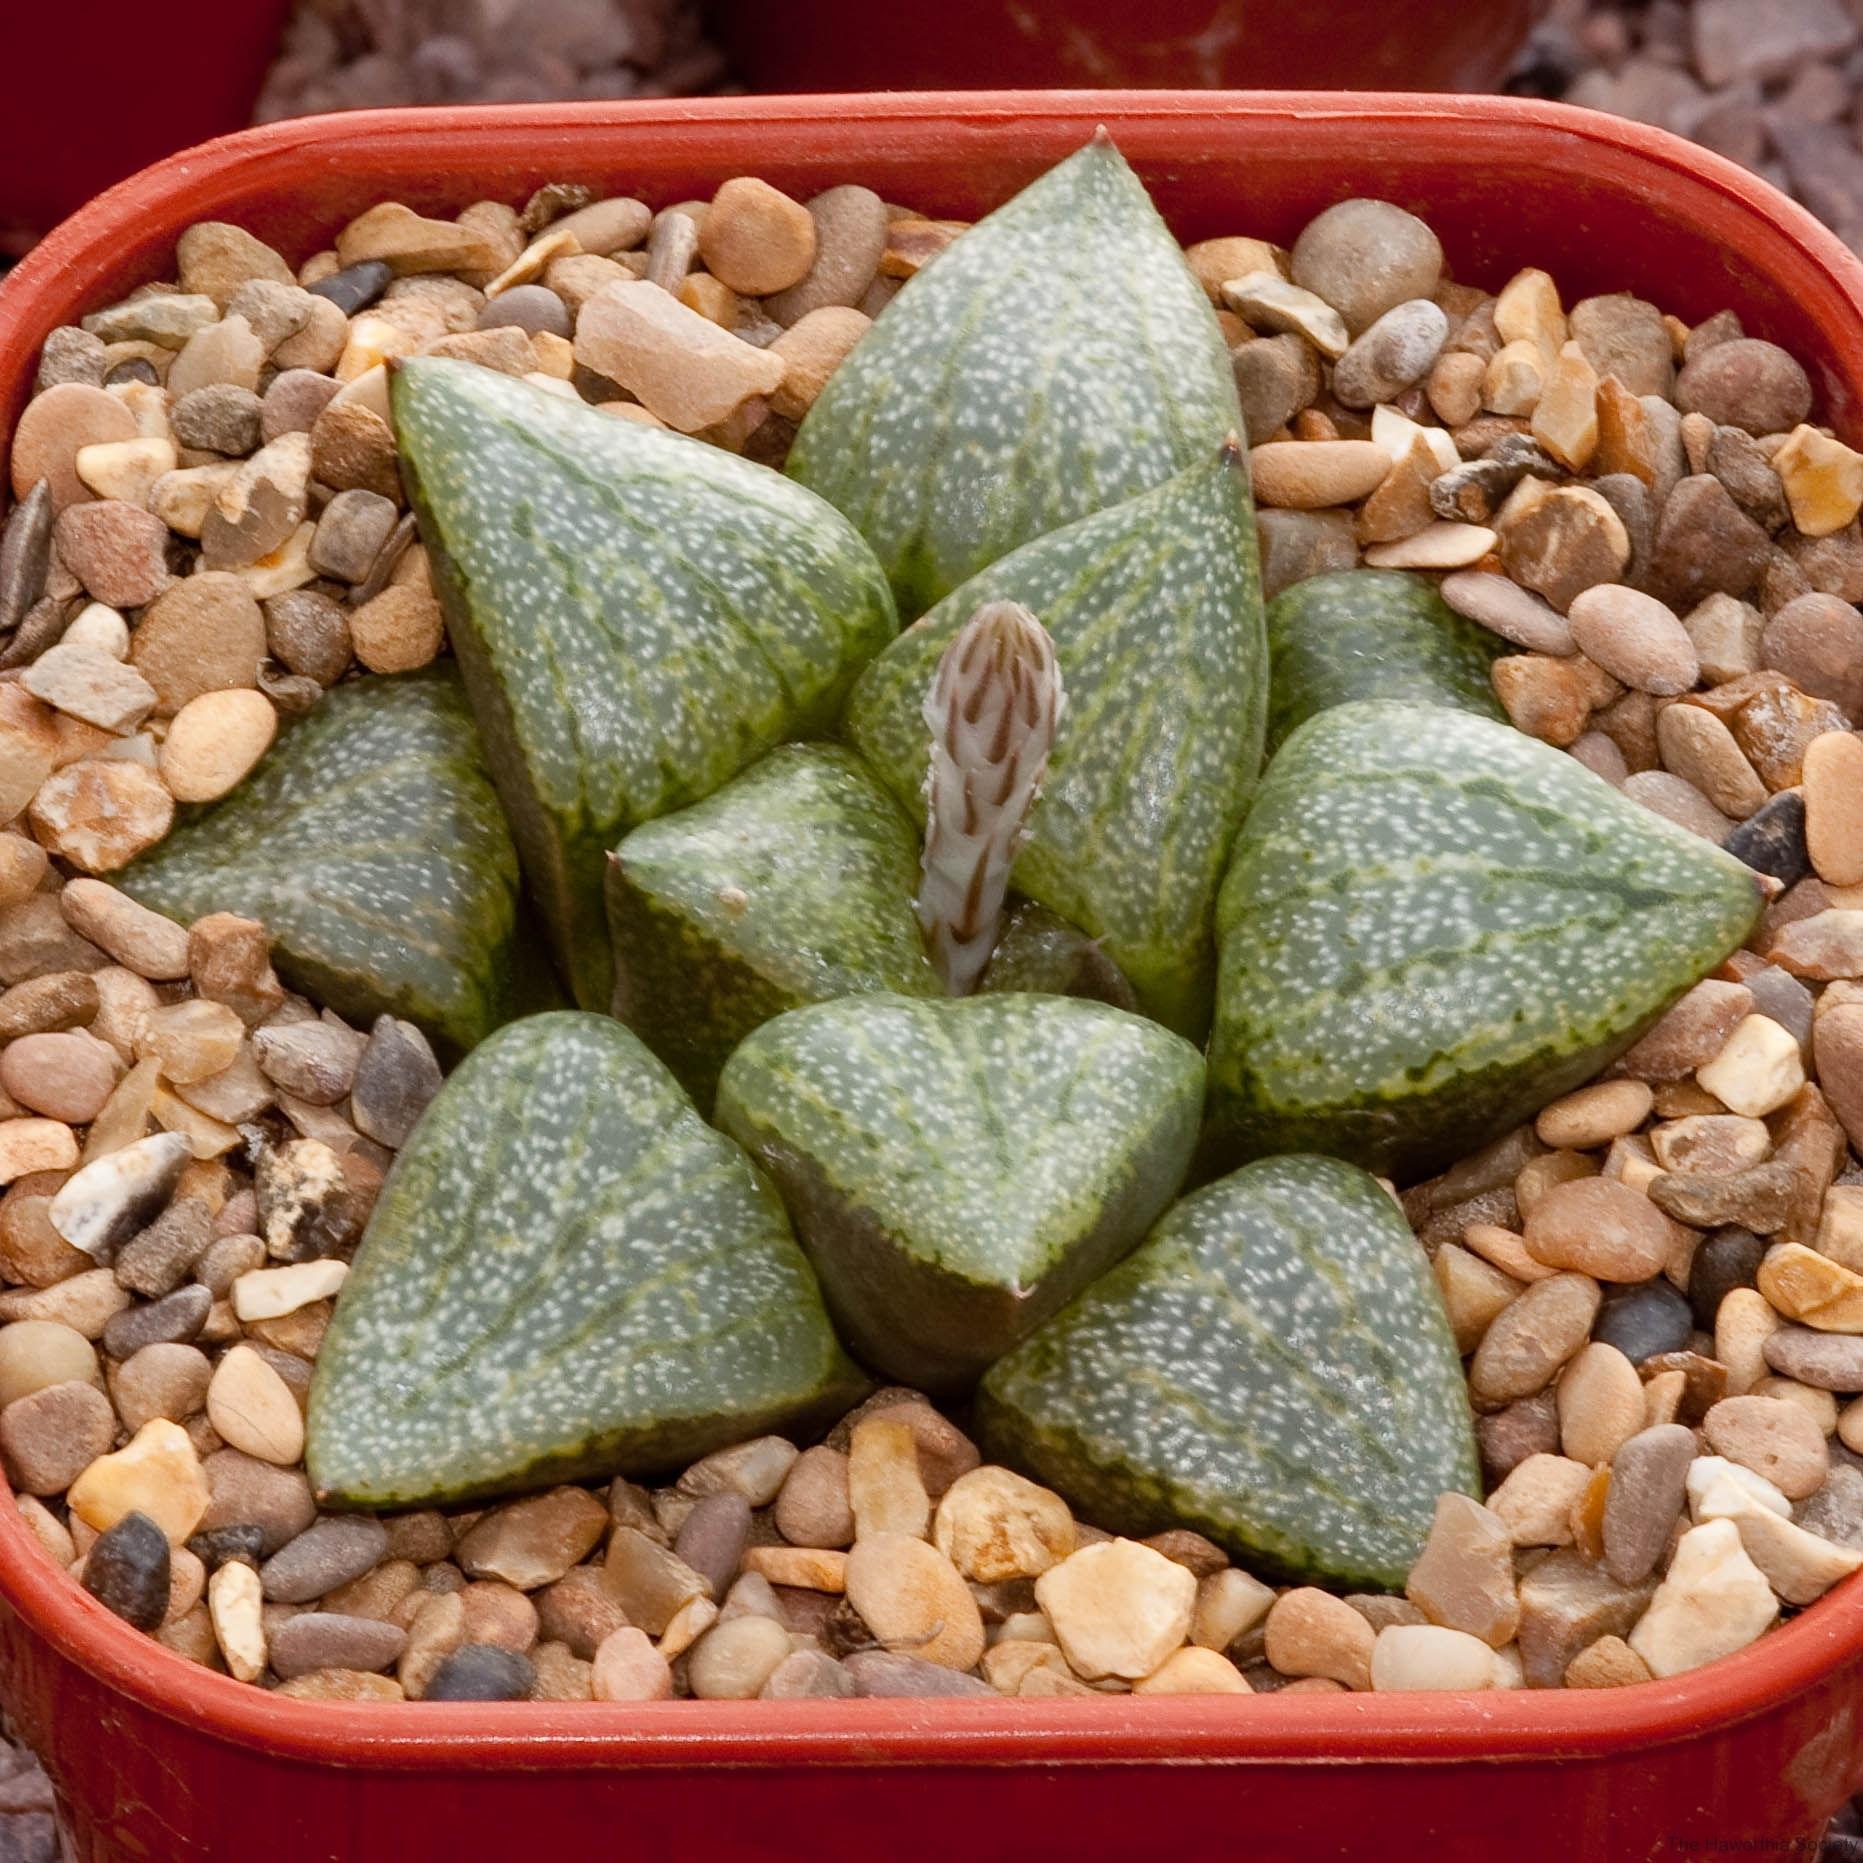 Haworthia emelyae var. emelyae BH0560 GM267 Kamannaissedam S of Dysseldorp